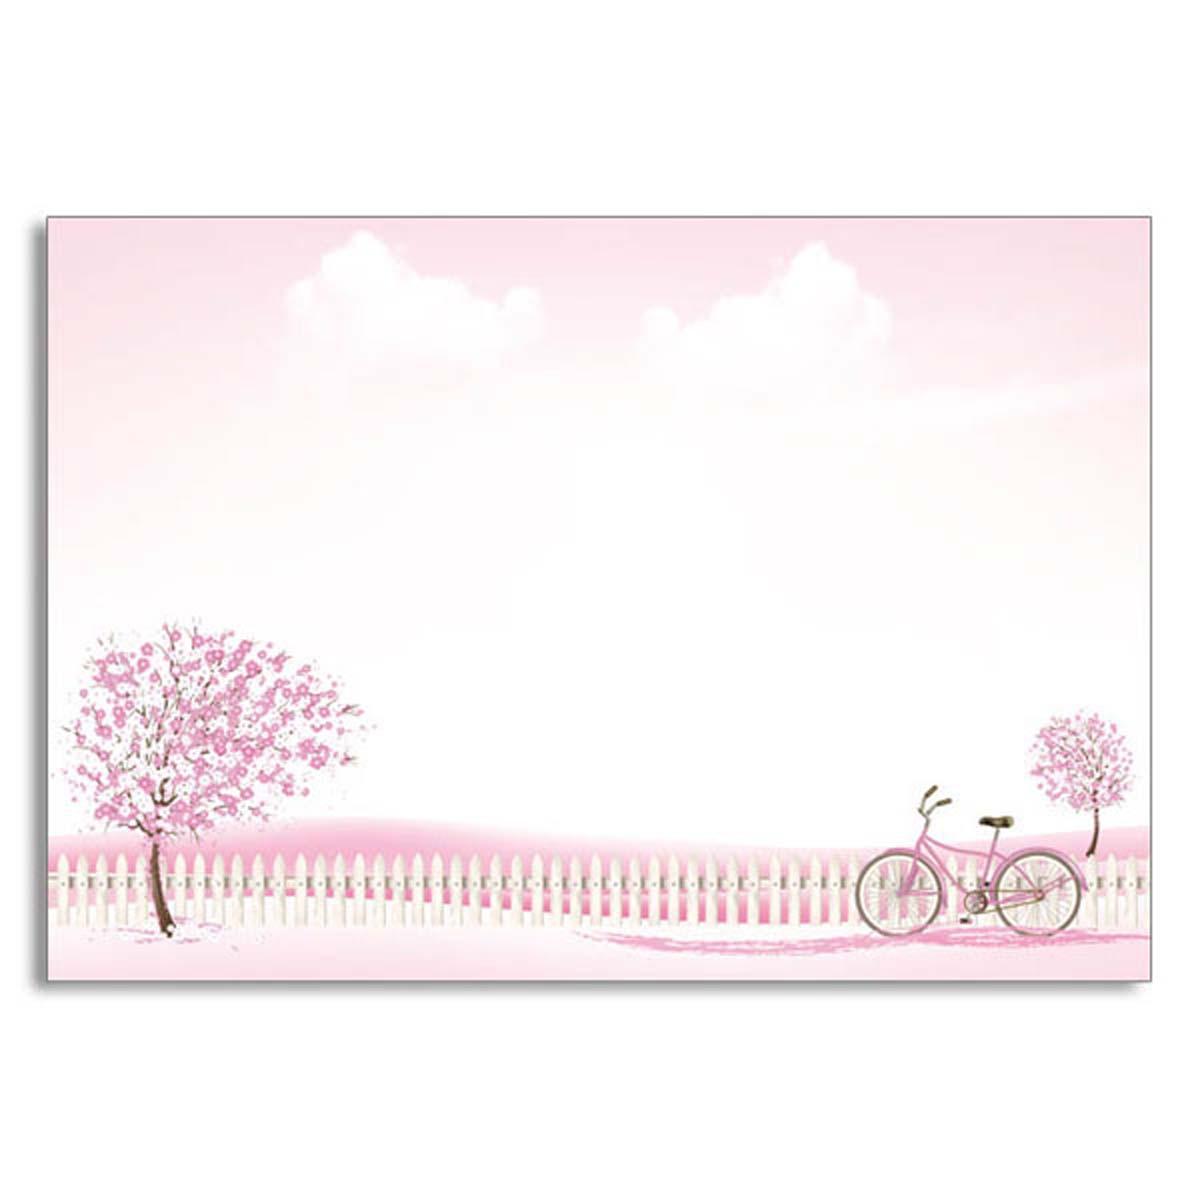 ミニレターセット 桜と自転車|mls-081